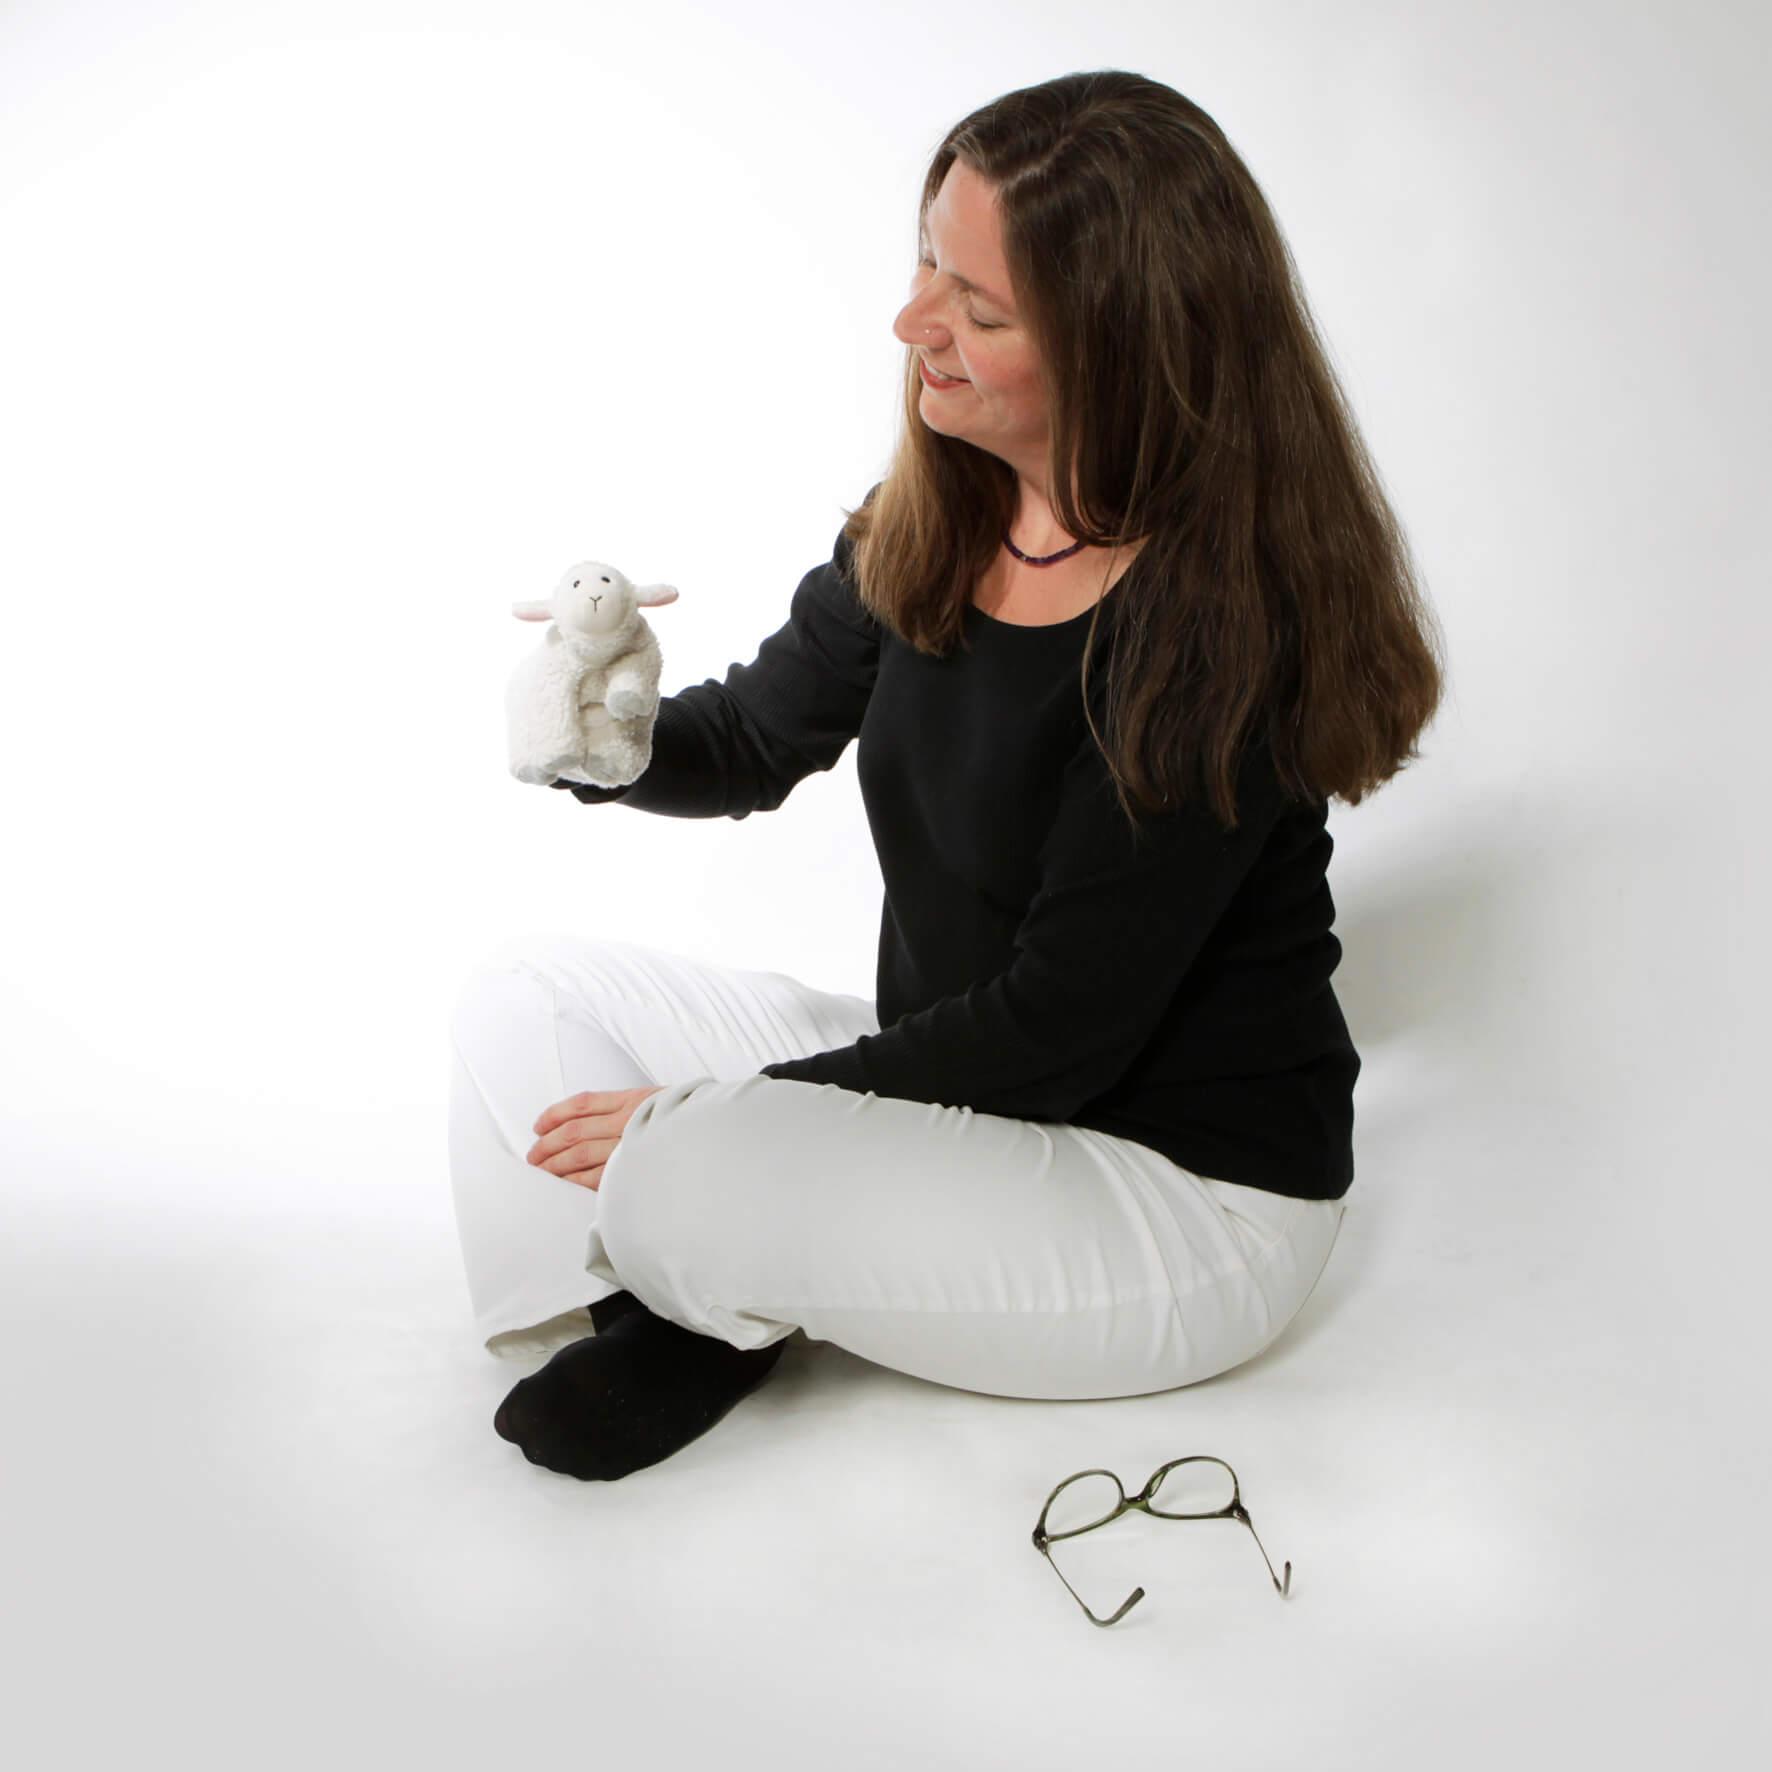 waehrend wachhypnose spielt stephanie roesch mit handpuppe schaf kinderhypnose